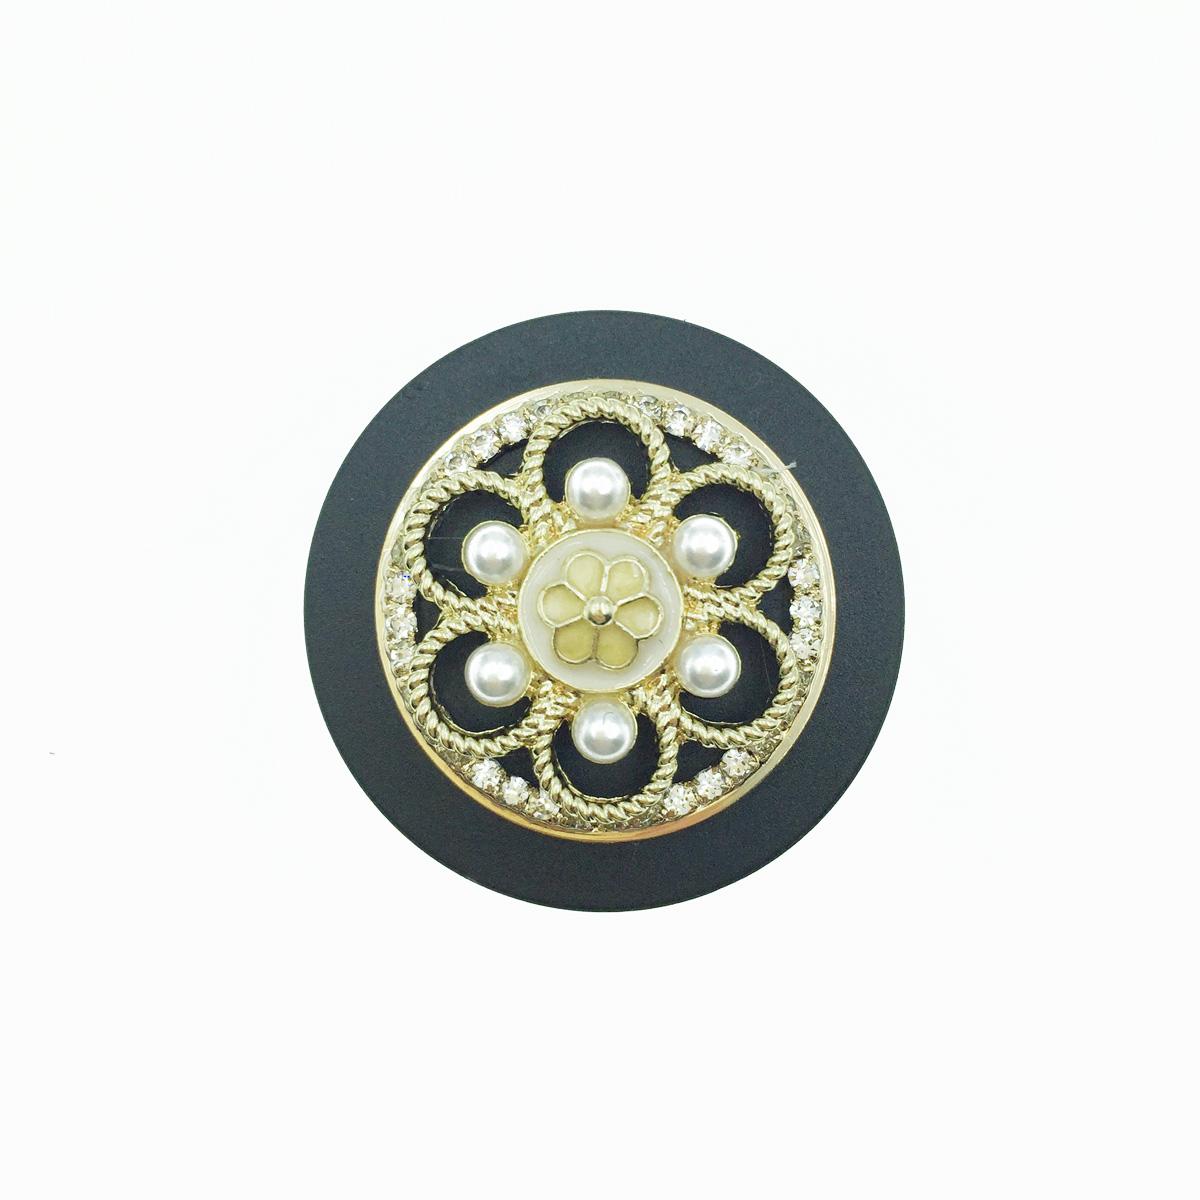 韓國 珍珠 金邊 花朵 小花 水鑽 手機氣墊支架